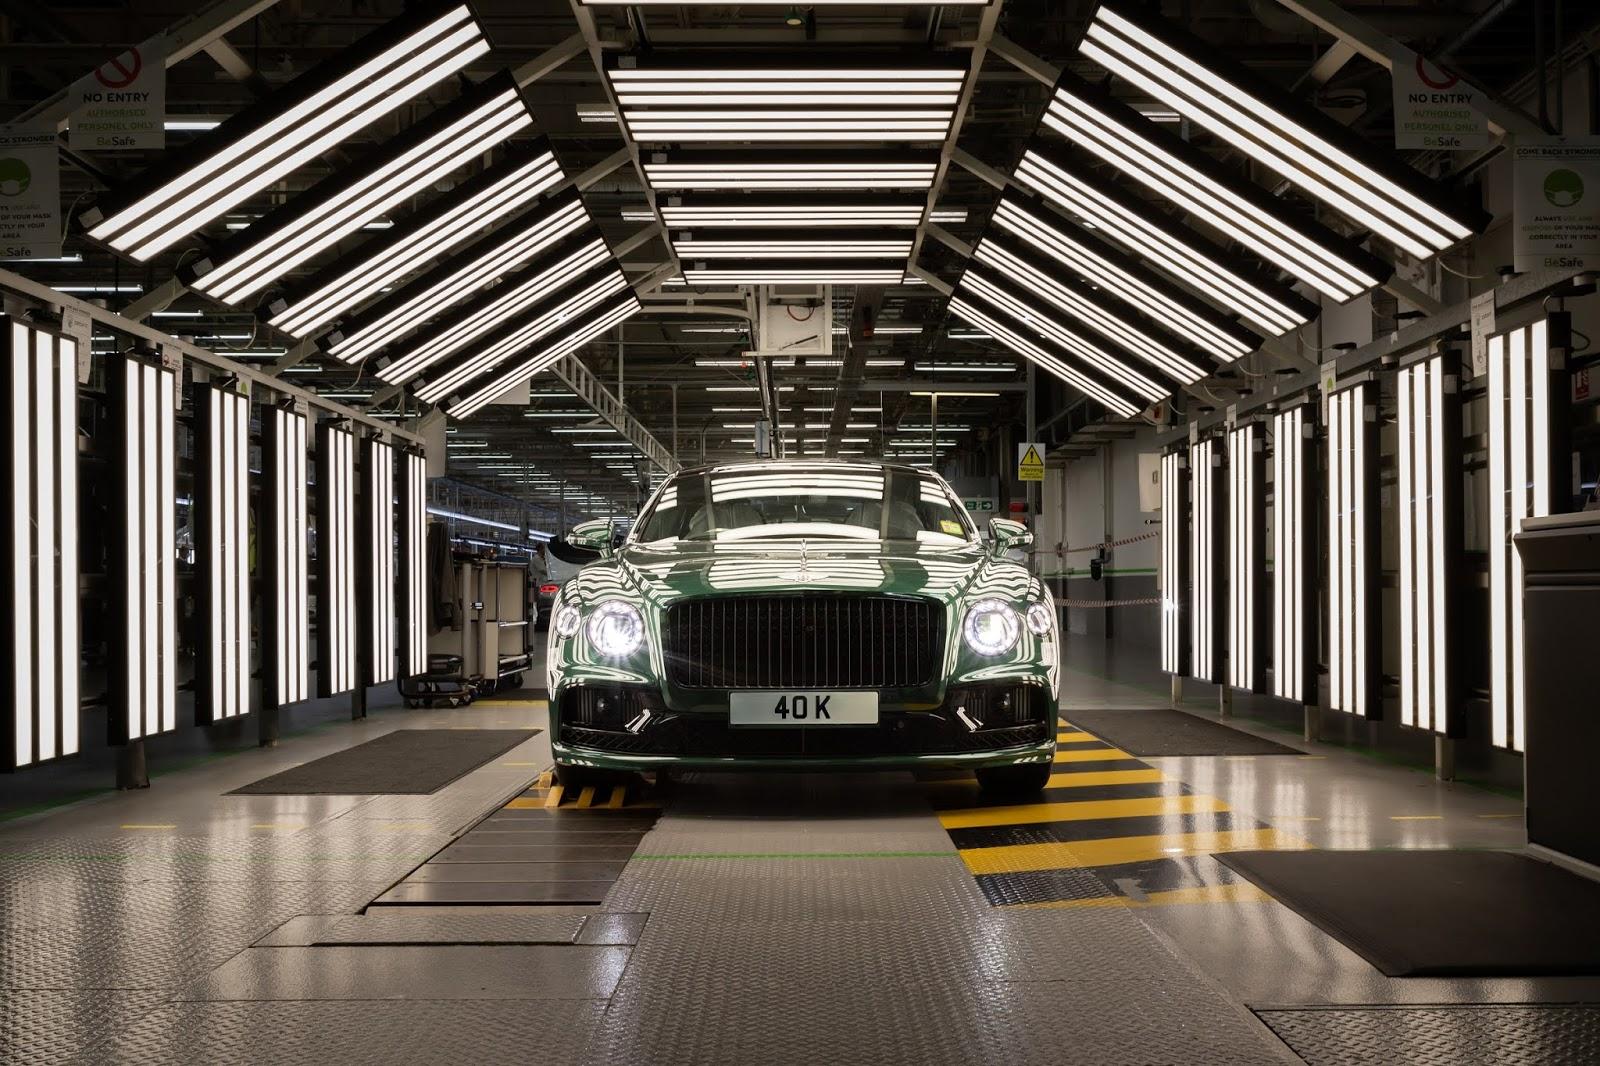 40252C000th2BBENTLEY2BFLYING2BSPUR 1 1 Η Παραγωγή Της Bentley Flying Spur Ξεπέρασε Το Ορόσημο Των 40.000 Αυτοκινήτων